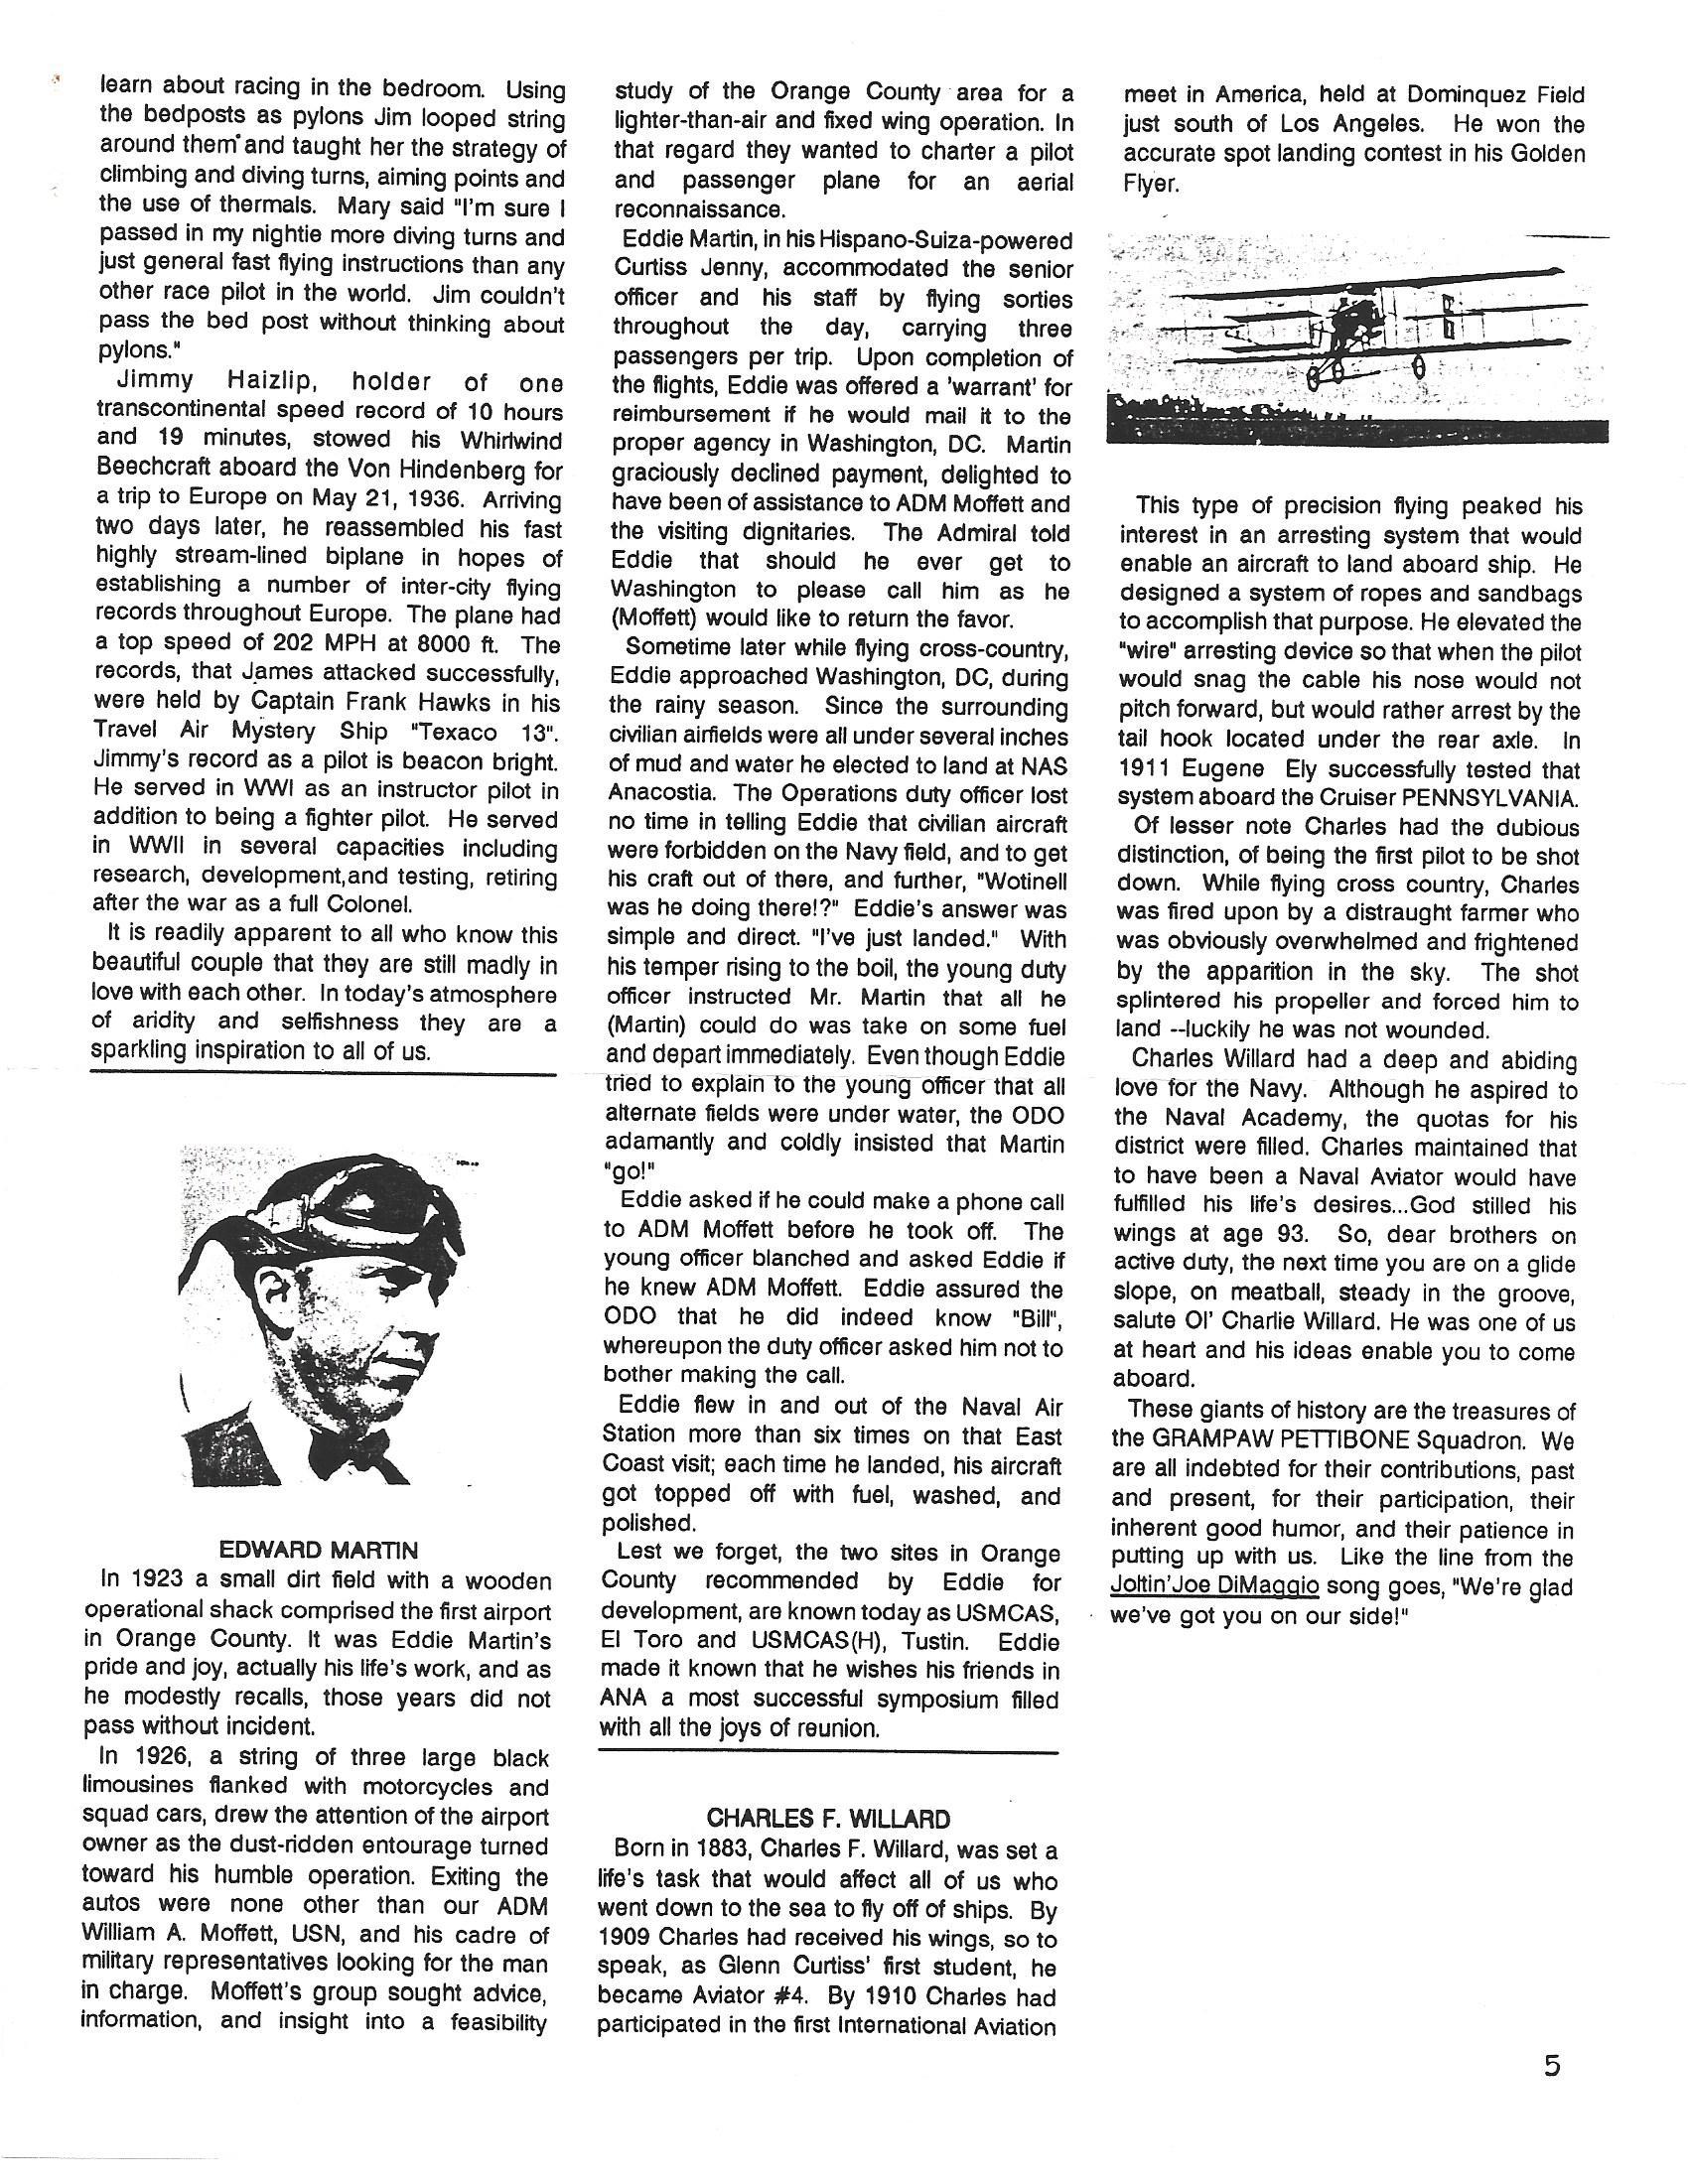 HistoryGPS1975_Page_6